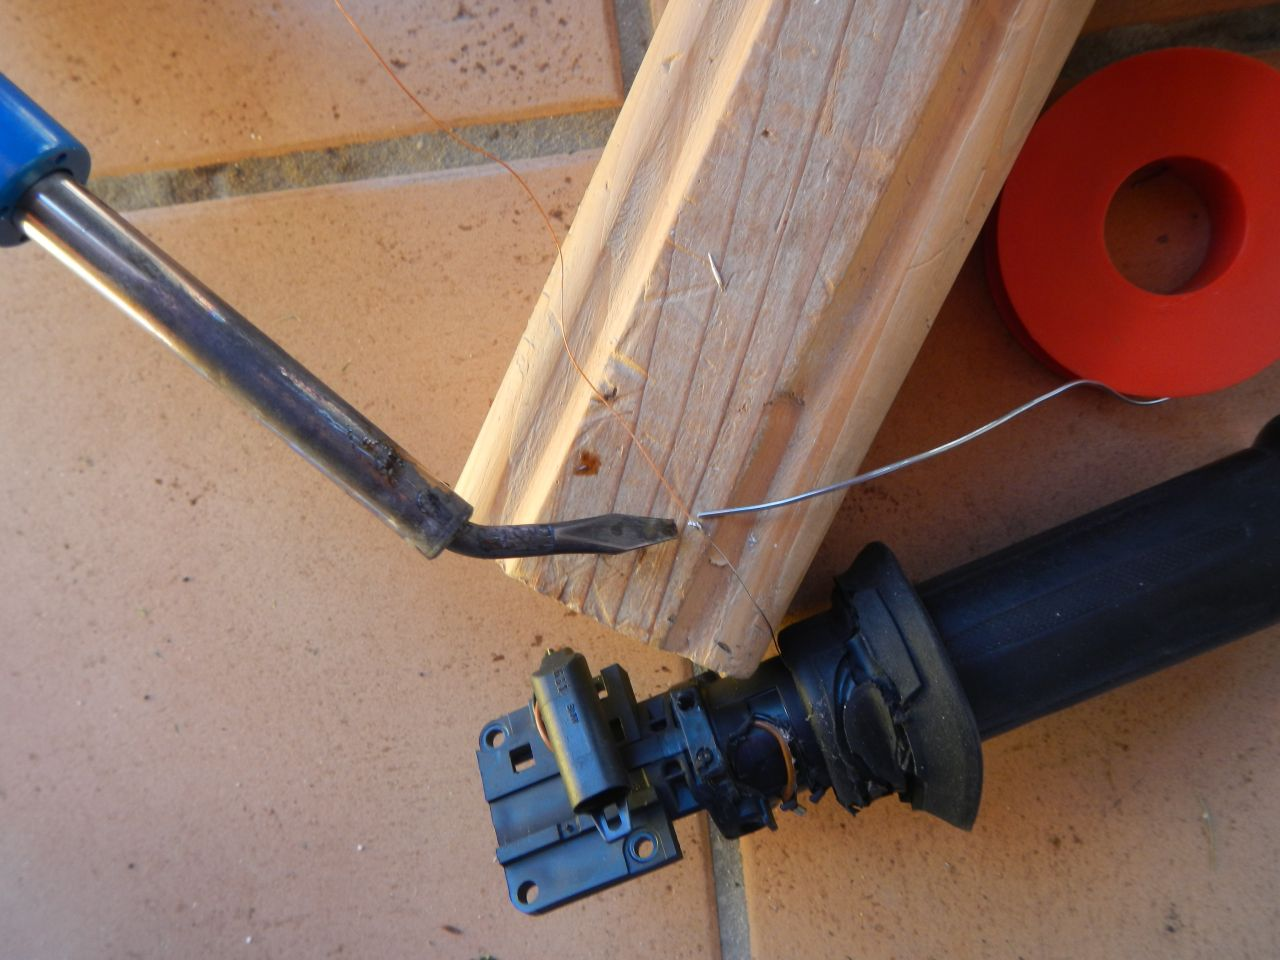 Tuto - réparation poignée chauffante HS - K1200S 560d7fea39268